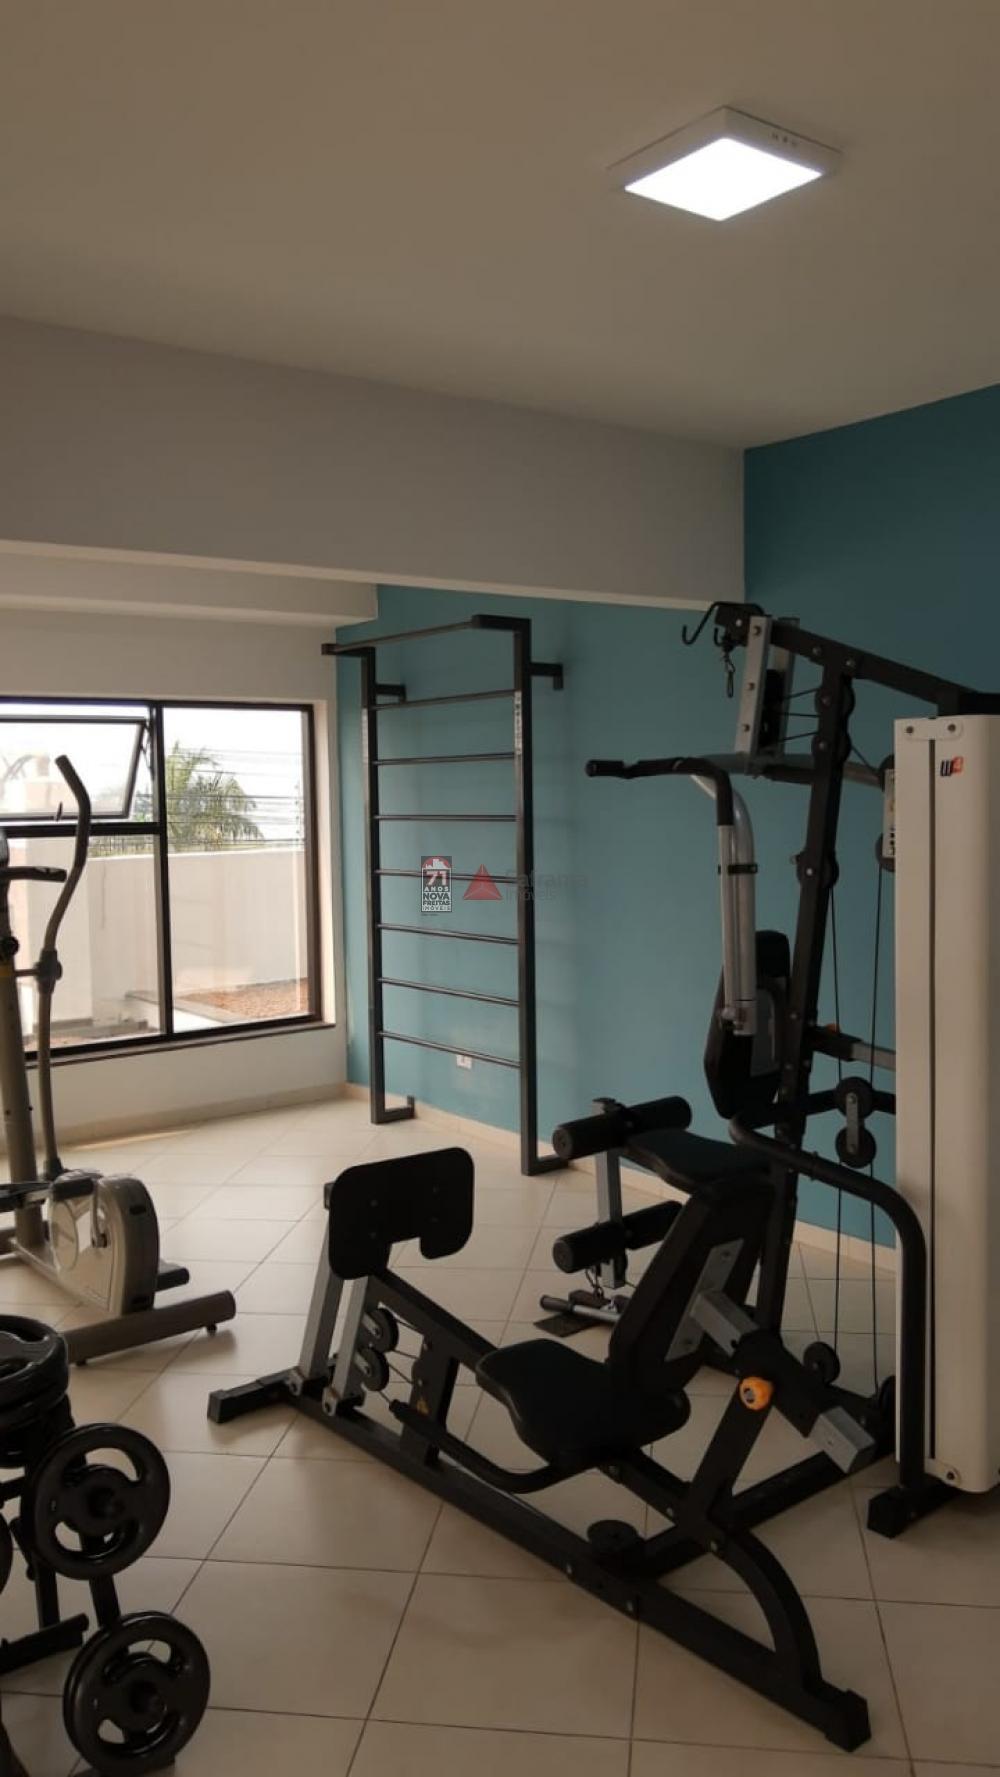 Comprar Apartamento / Padrão em Caraguatatuba apenas R$ 950.000,00 - Foto 25